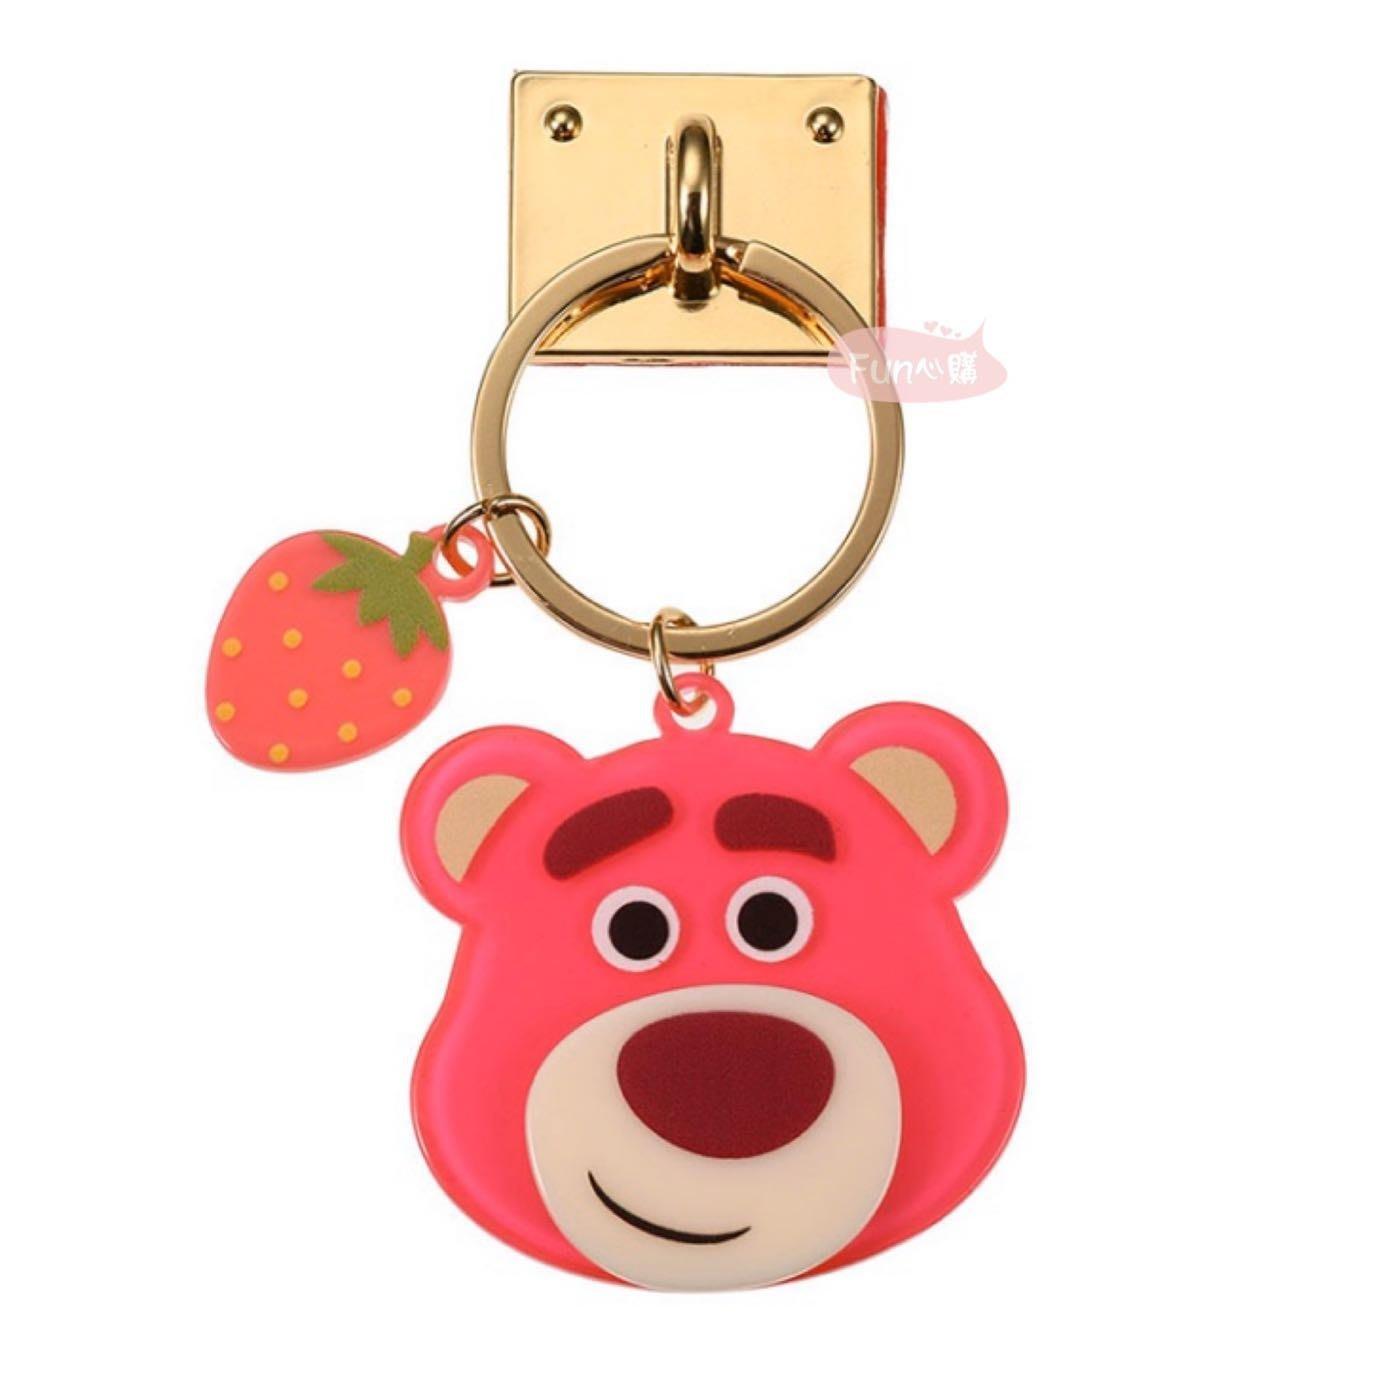 日本迪士尼 玩具總動員 熊抱哥 手機扣環。現貨【Fun心購】